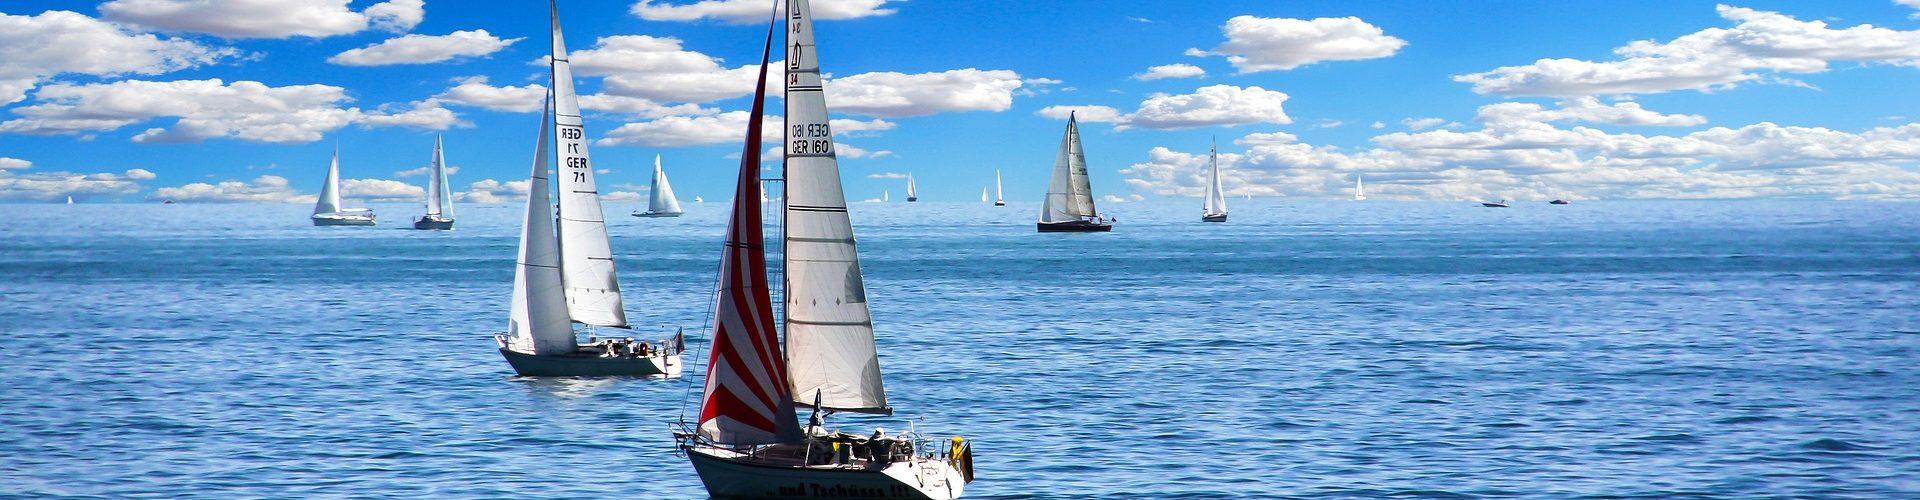 segeln lernen in Altenhof segelschein machen in Altenhof 1920x500 - Segeln lernen in Altenhof